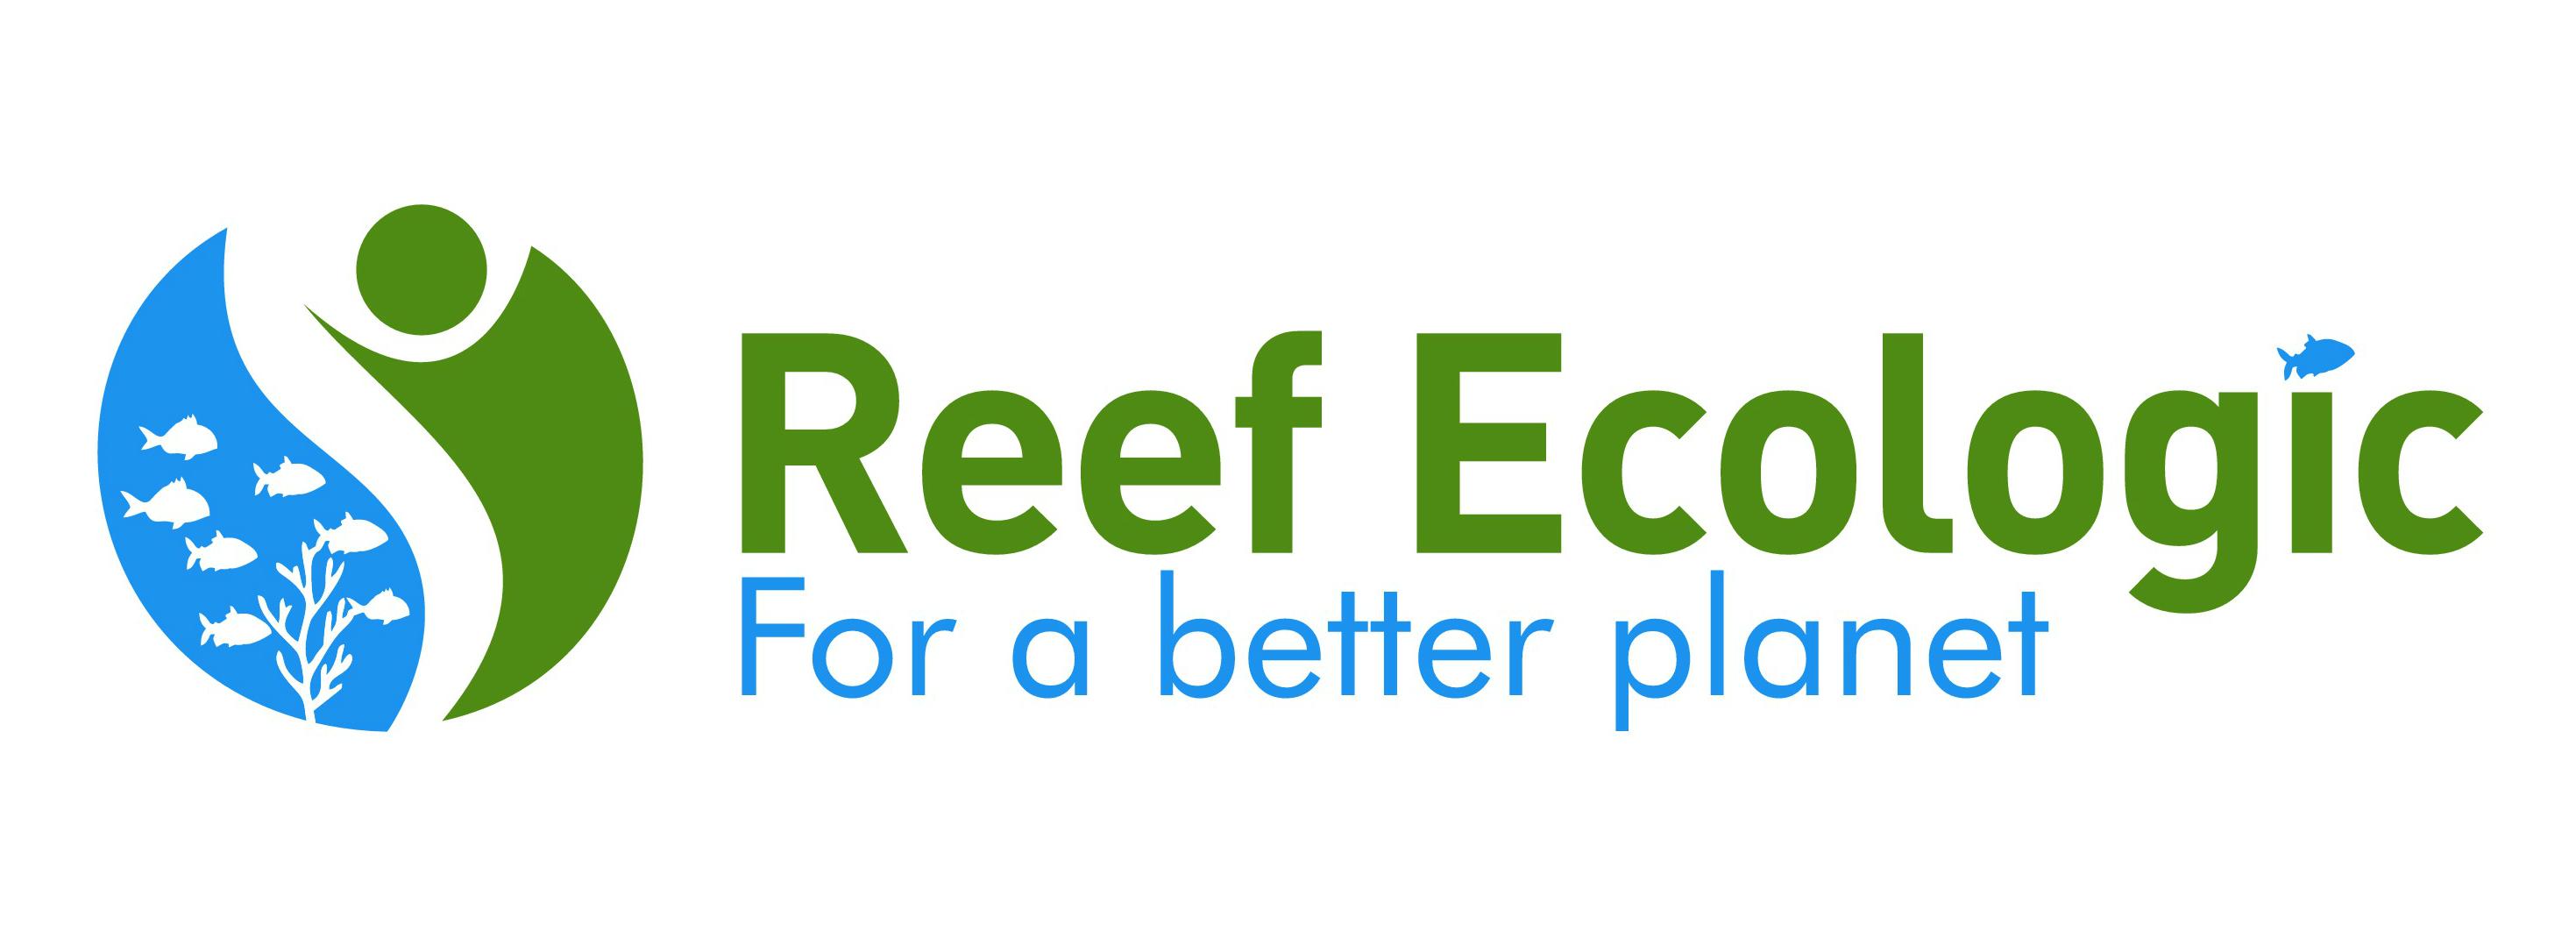 http://www.reefecologic.org/